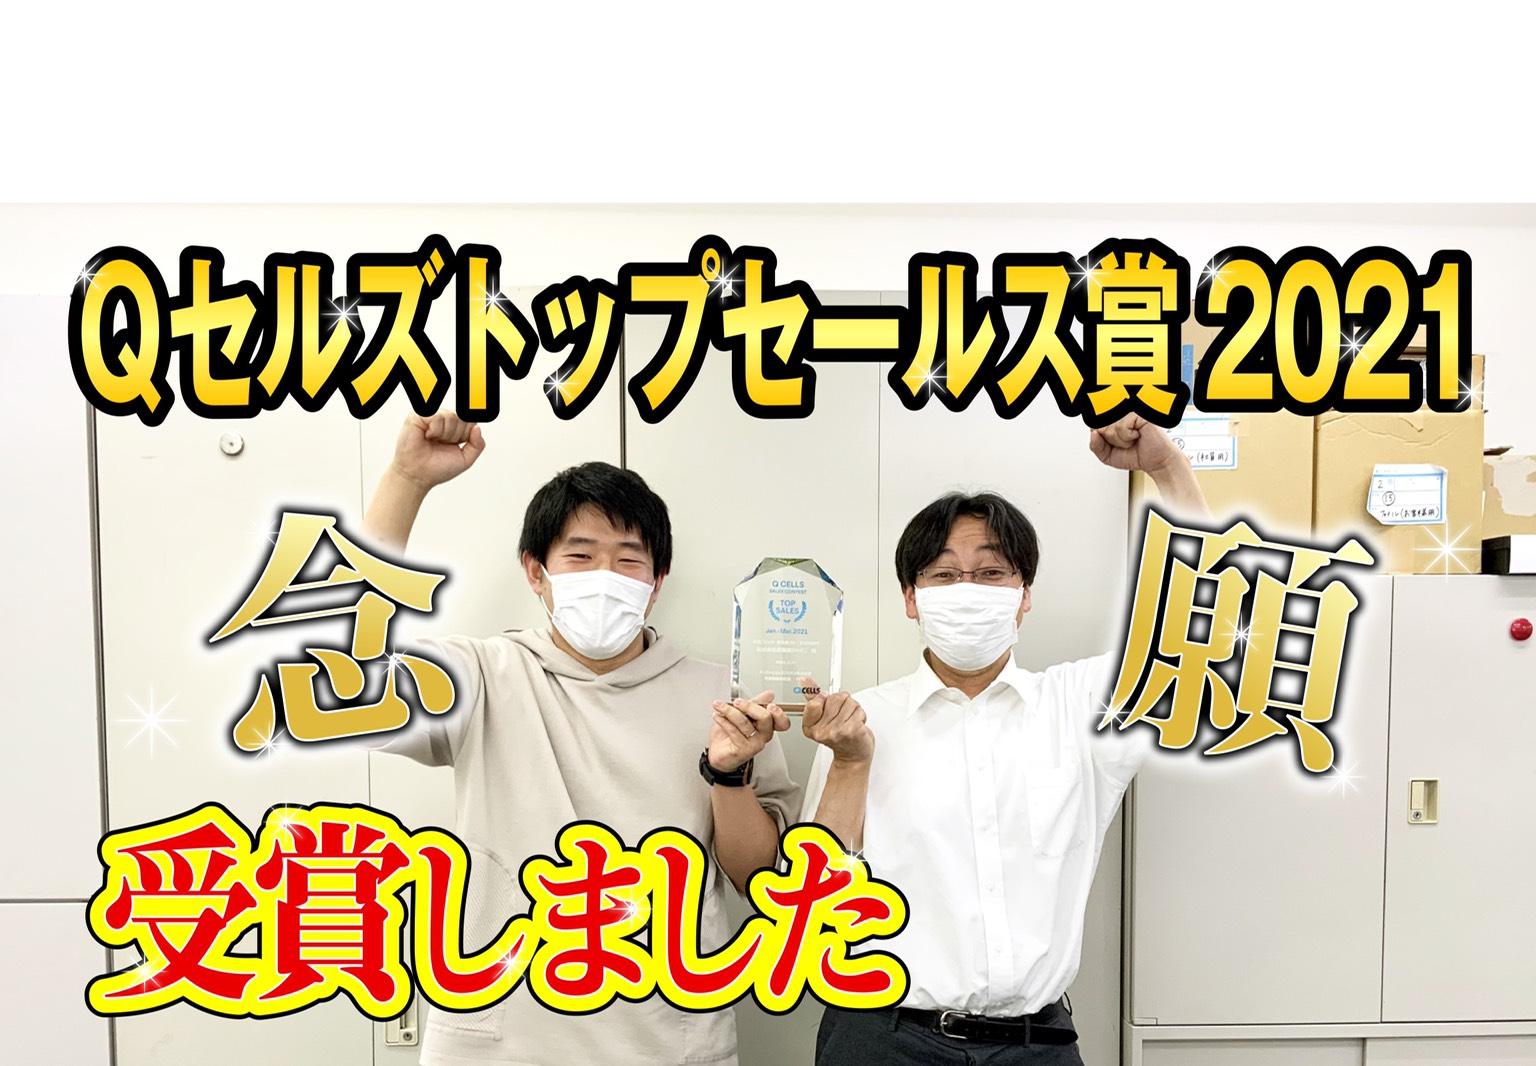 ハンファQセルズジャパン トップセール賞の受賞youtubeサムネ画像